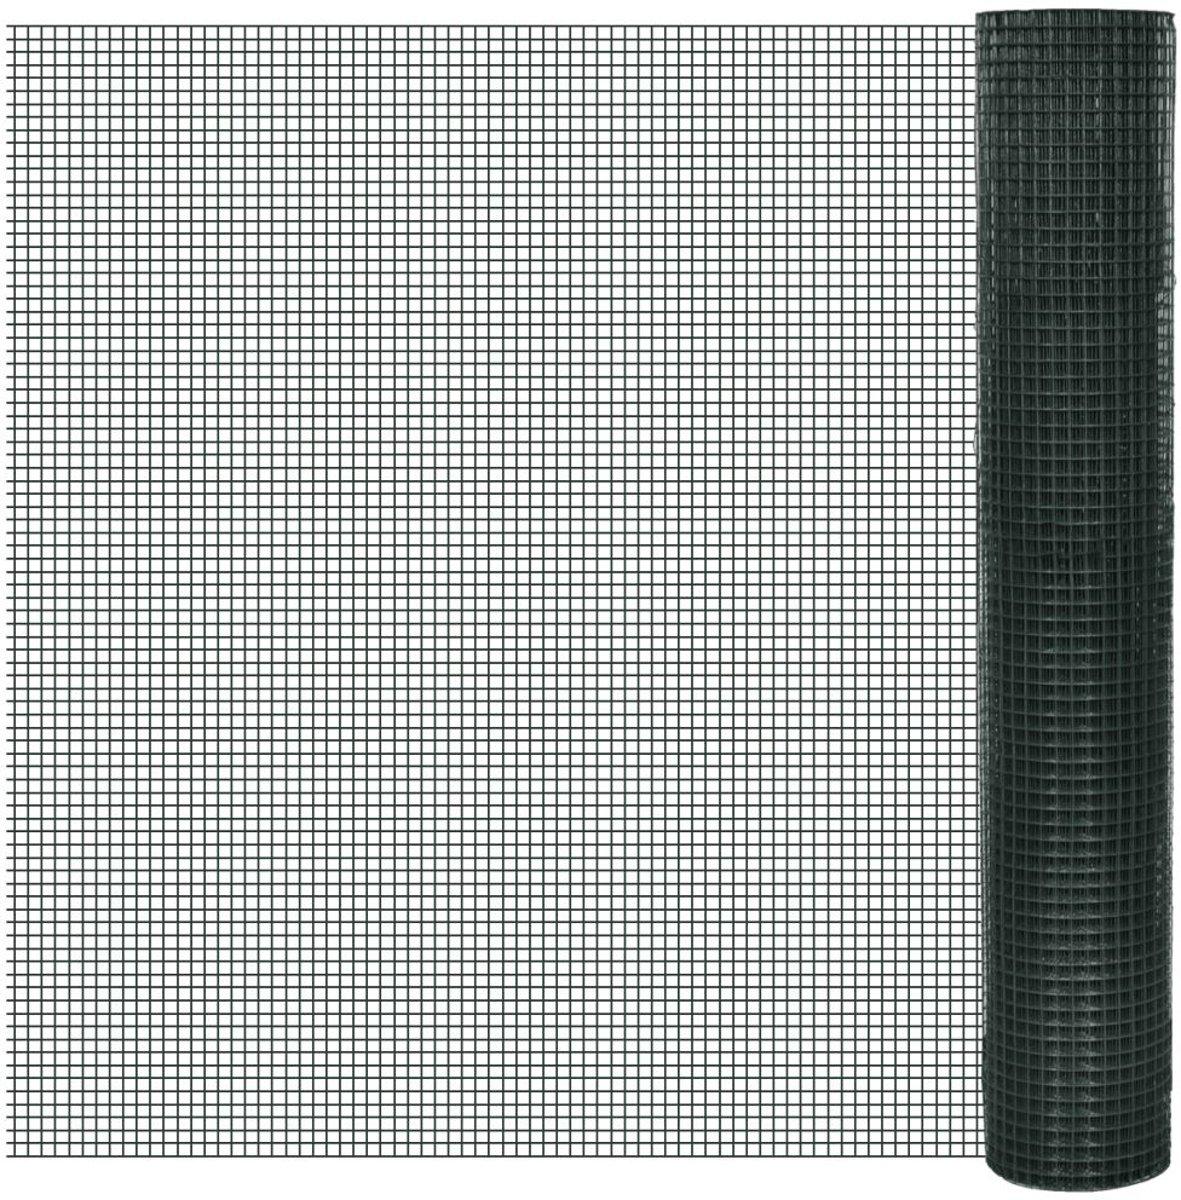 vidaXL Gaas verzinkt 1 m x 25 m / maaswijdte: 16 x 16 mm